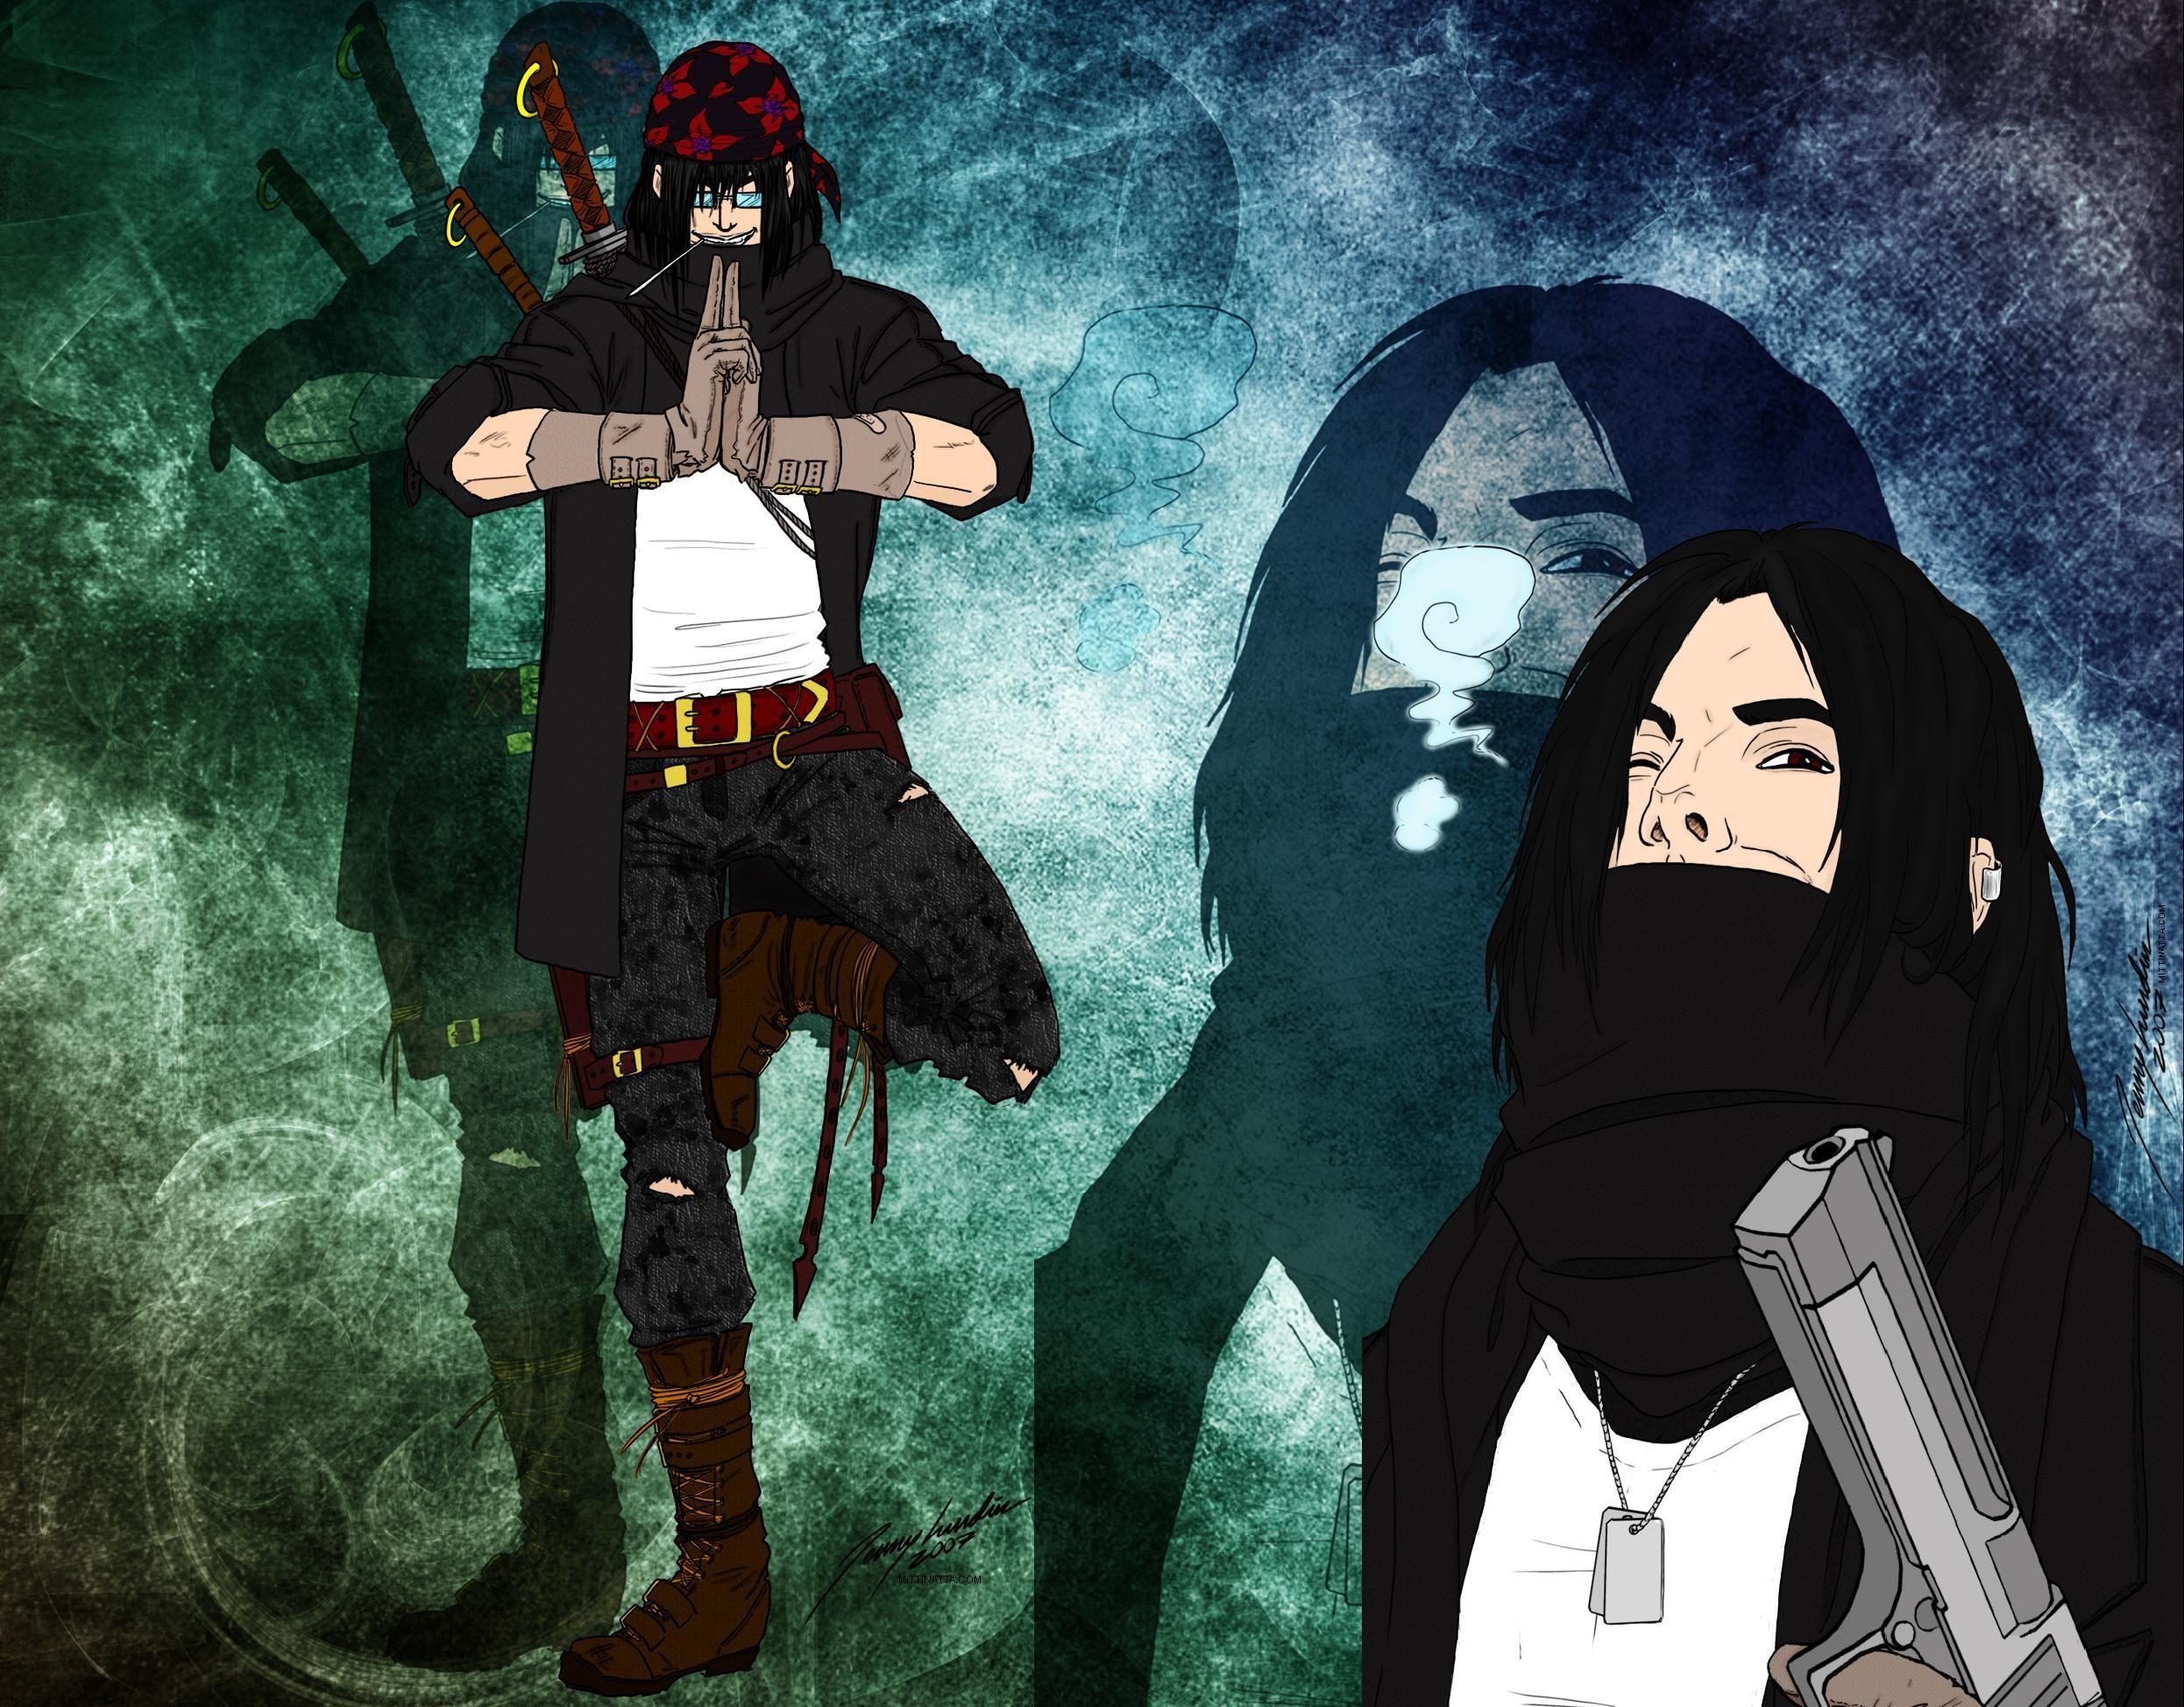 Cool Anime Wallpapers Hd Cool Anime Wallpapers Anime Anime Wallpaper